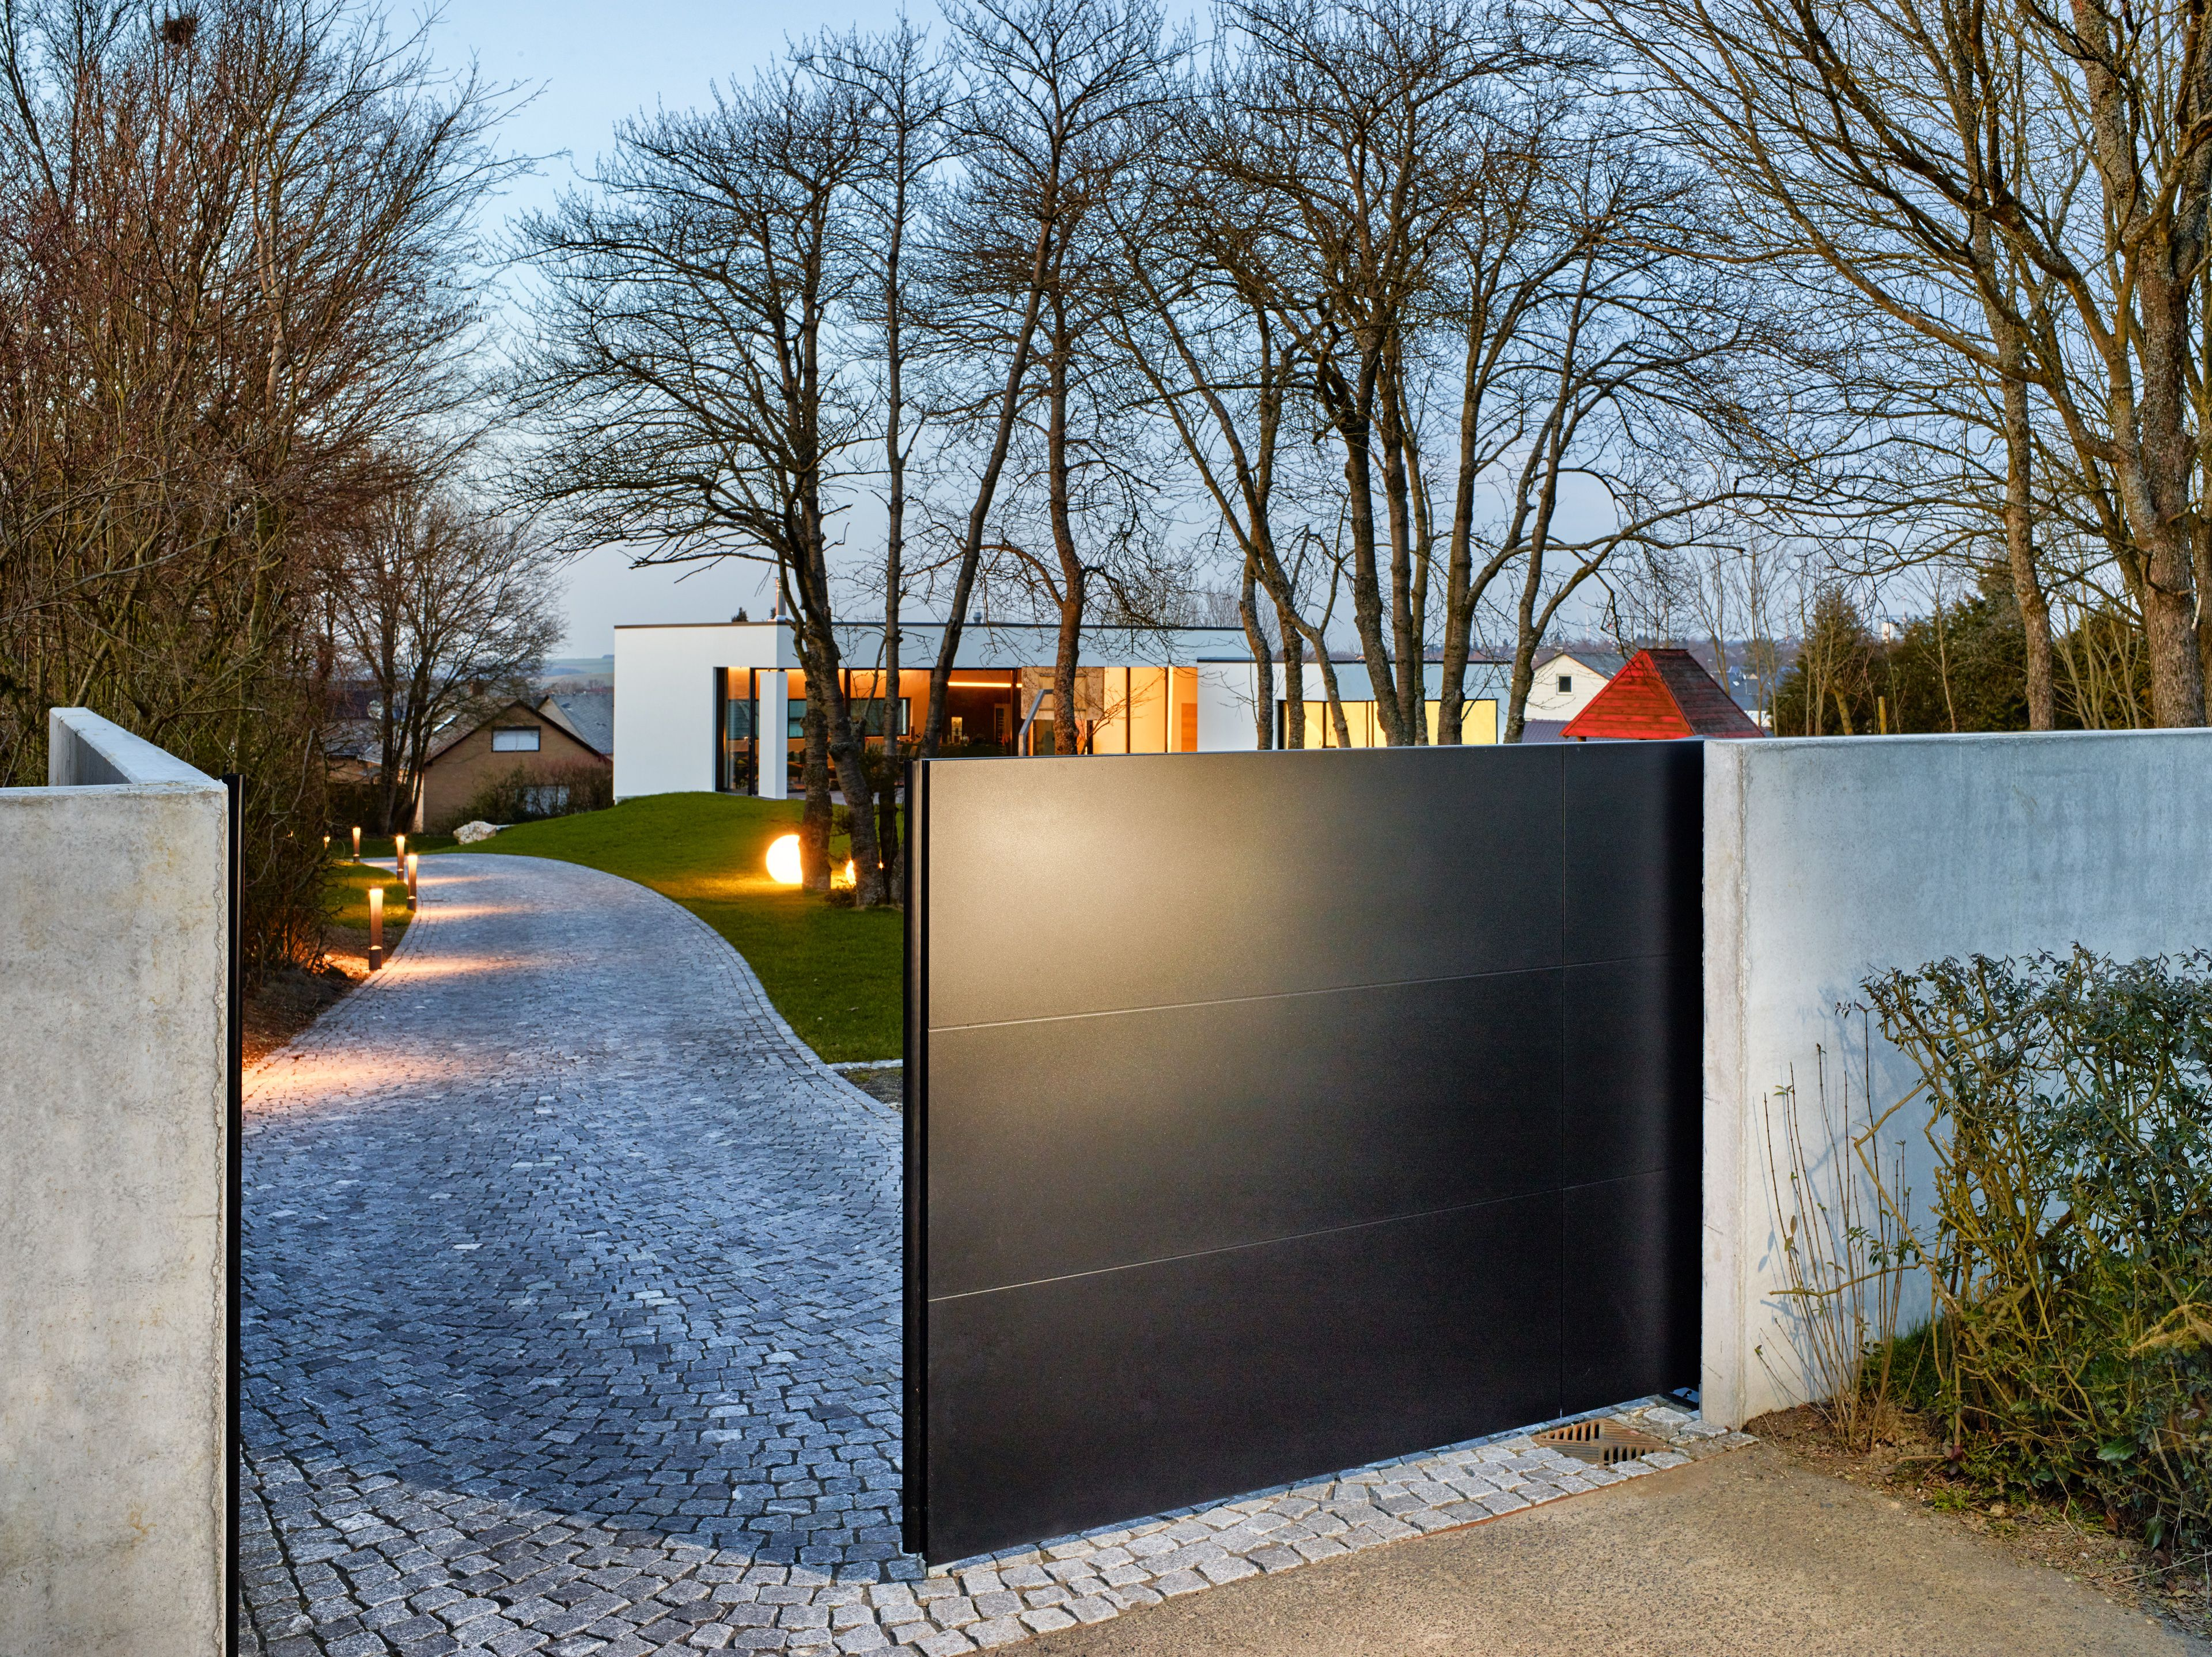 Liebenswert Vorgartengestaltung Modern Das Beste Von Klare Line! 100 Aluminium Puristisches Design Aus